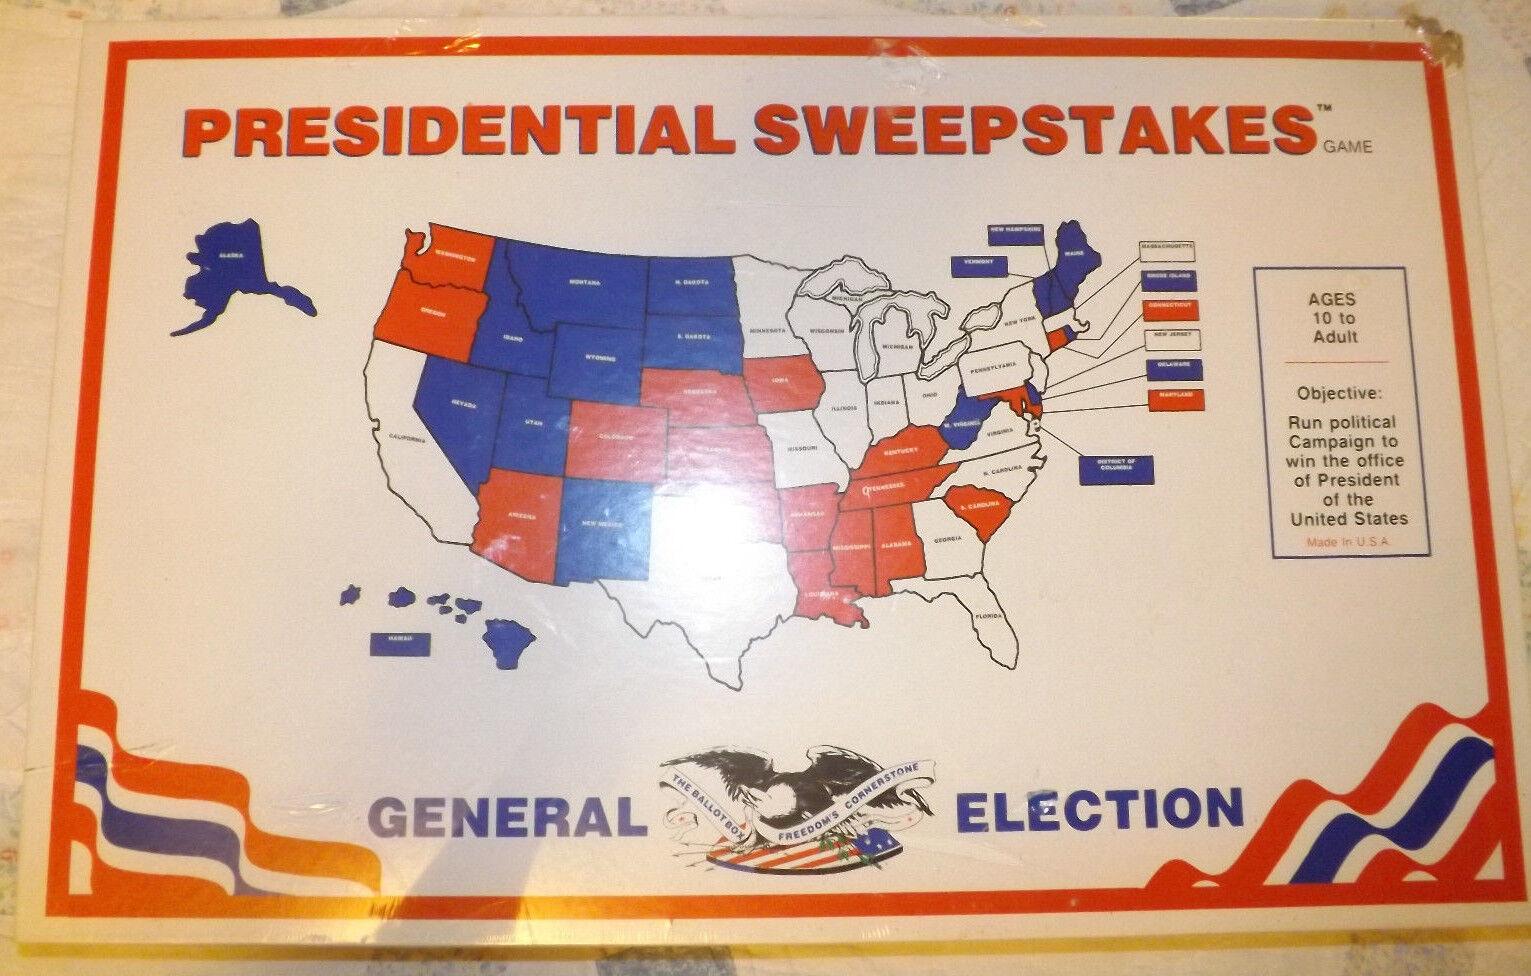 VINTAGE années 70  présidentiel Sweepstakes  BOARD GAME 10+ Ans 2-6 joueurs neuf dans emballage très difficile à trouver